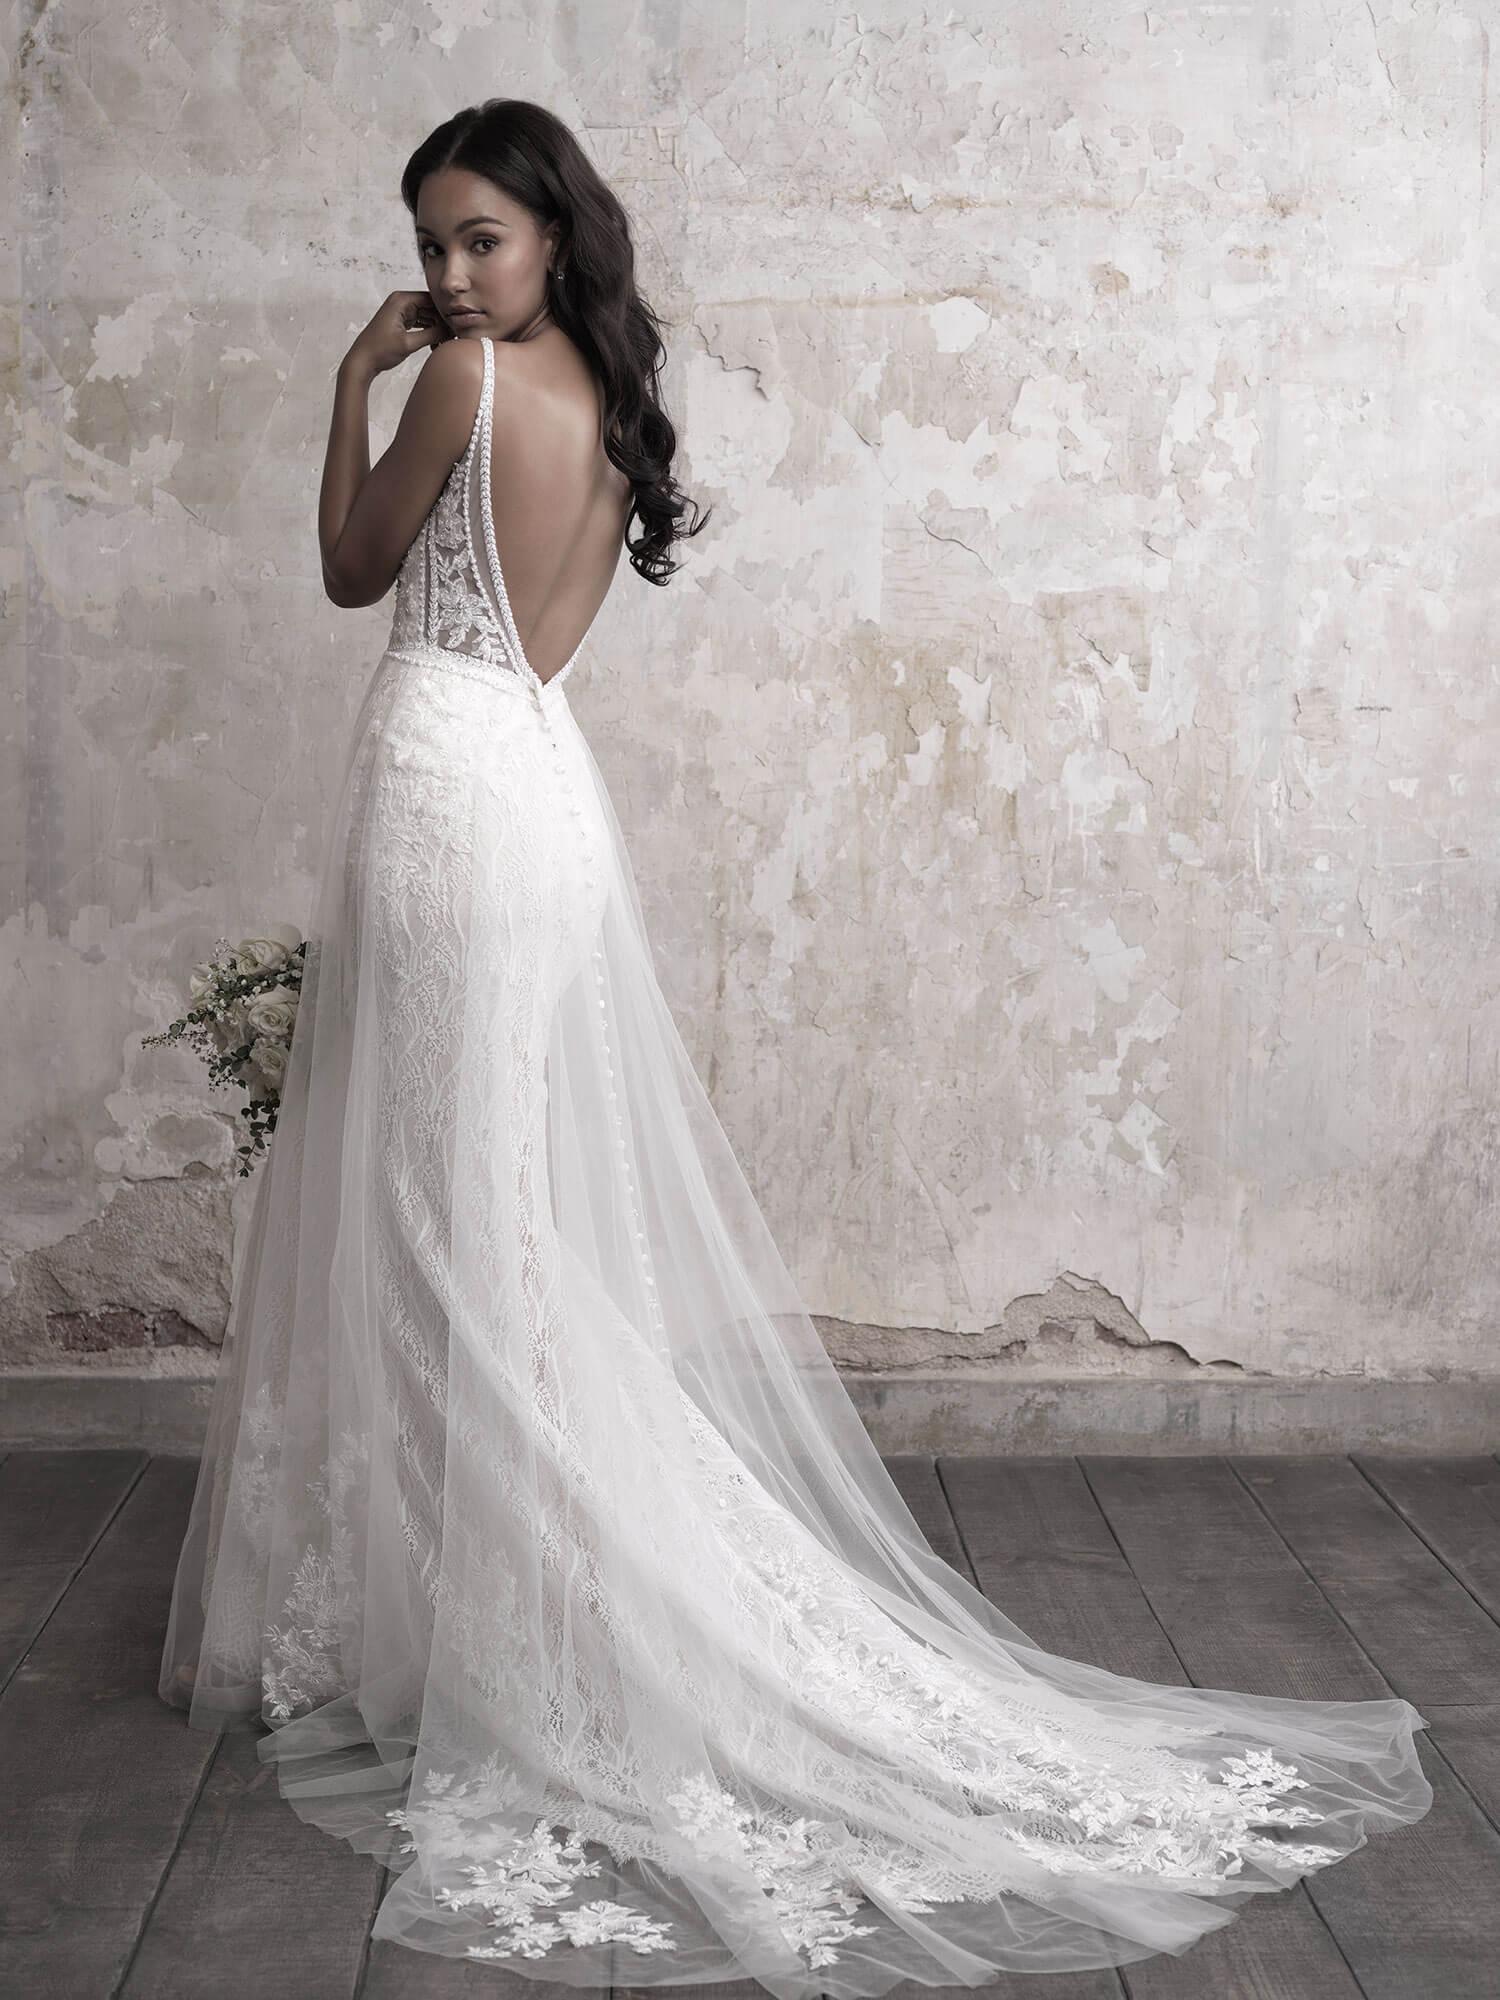 layered boho wedding dress with open back